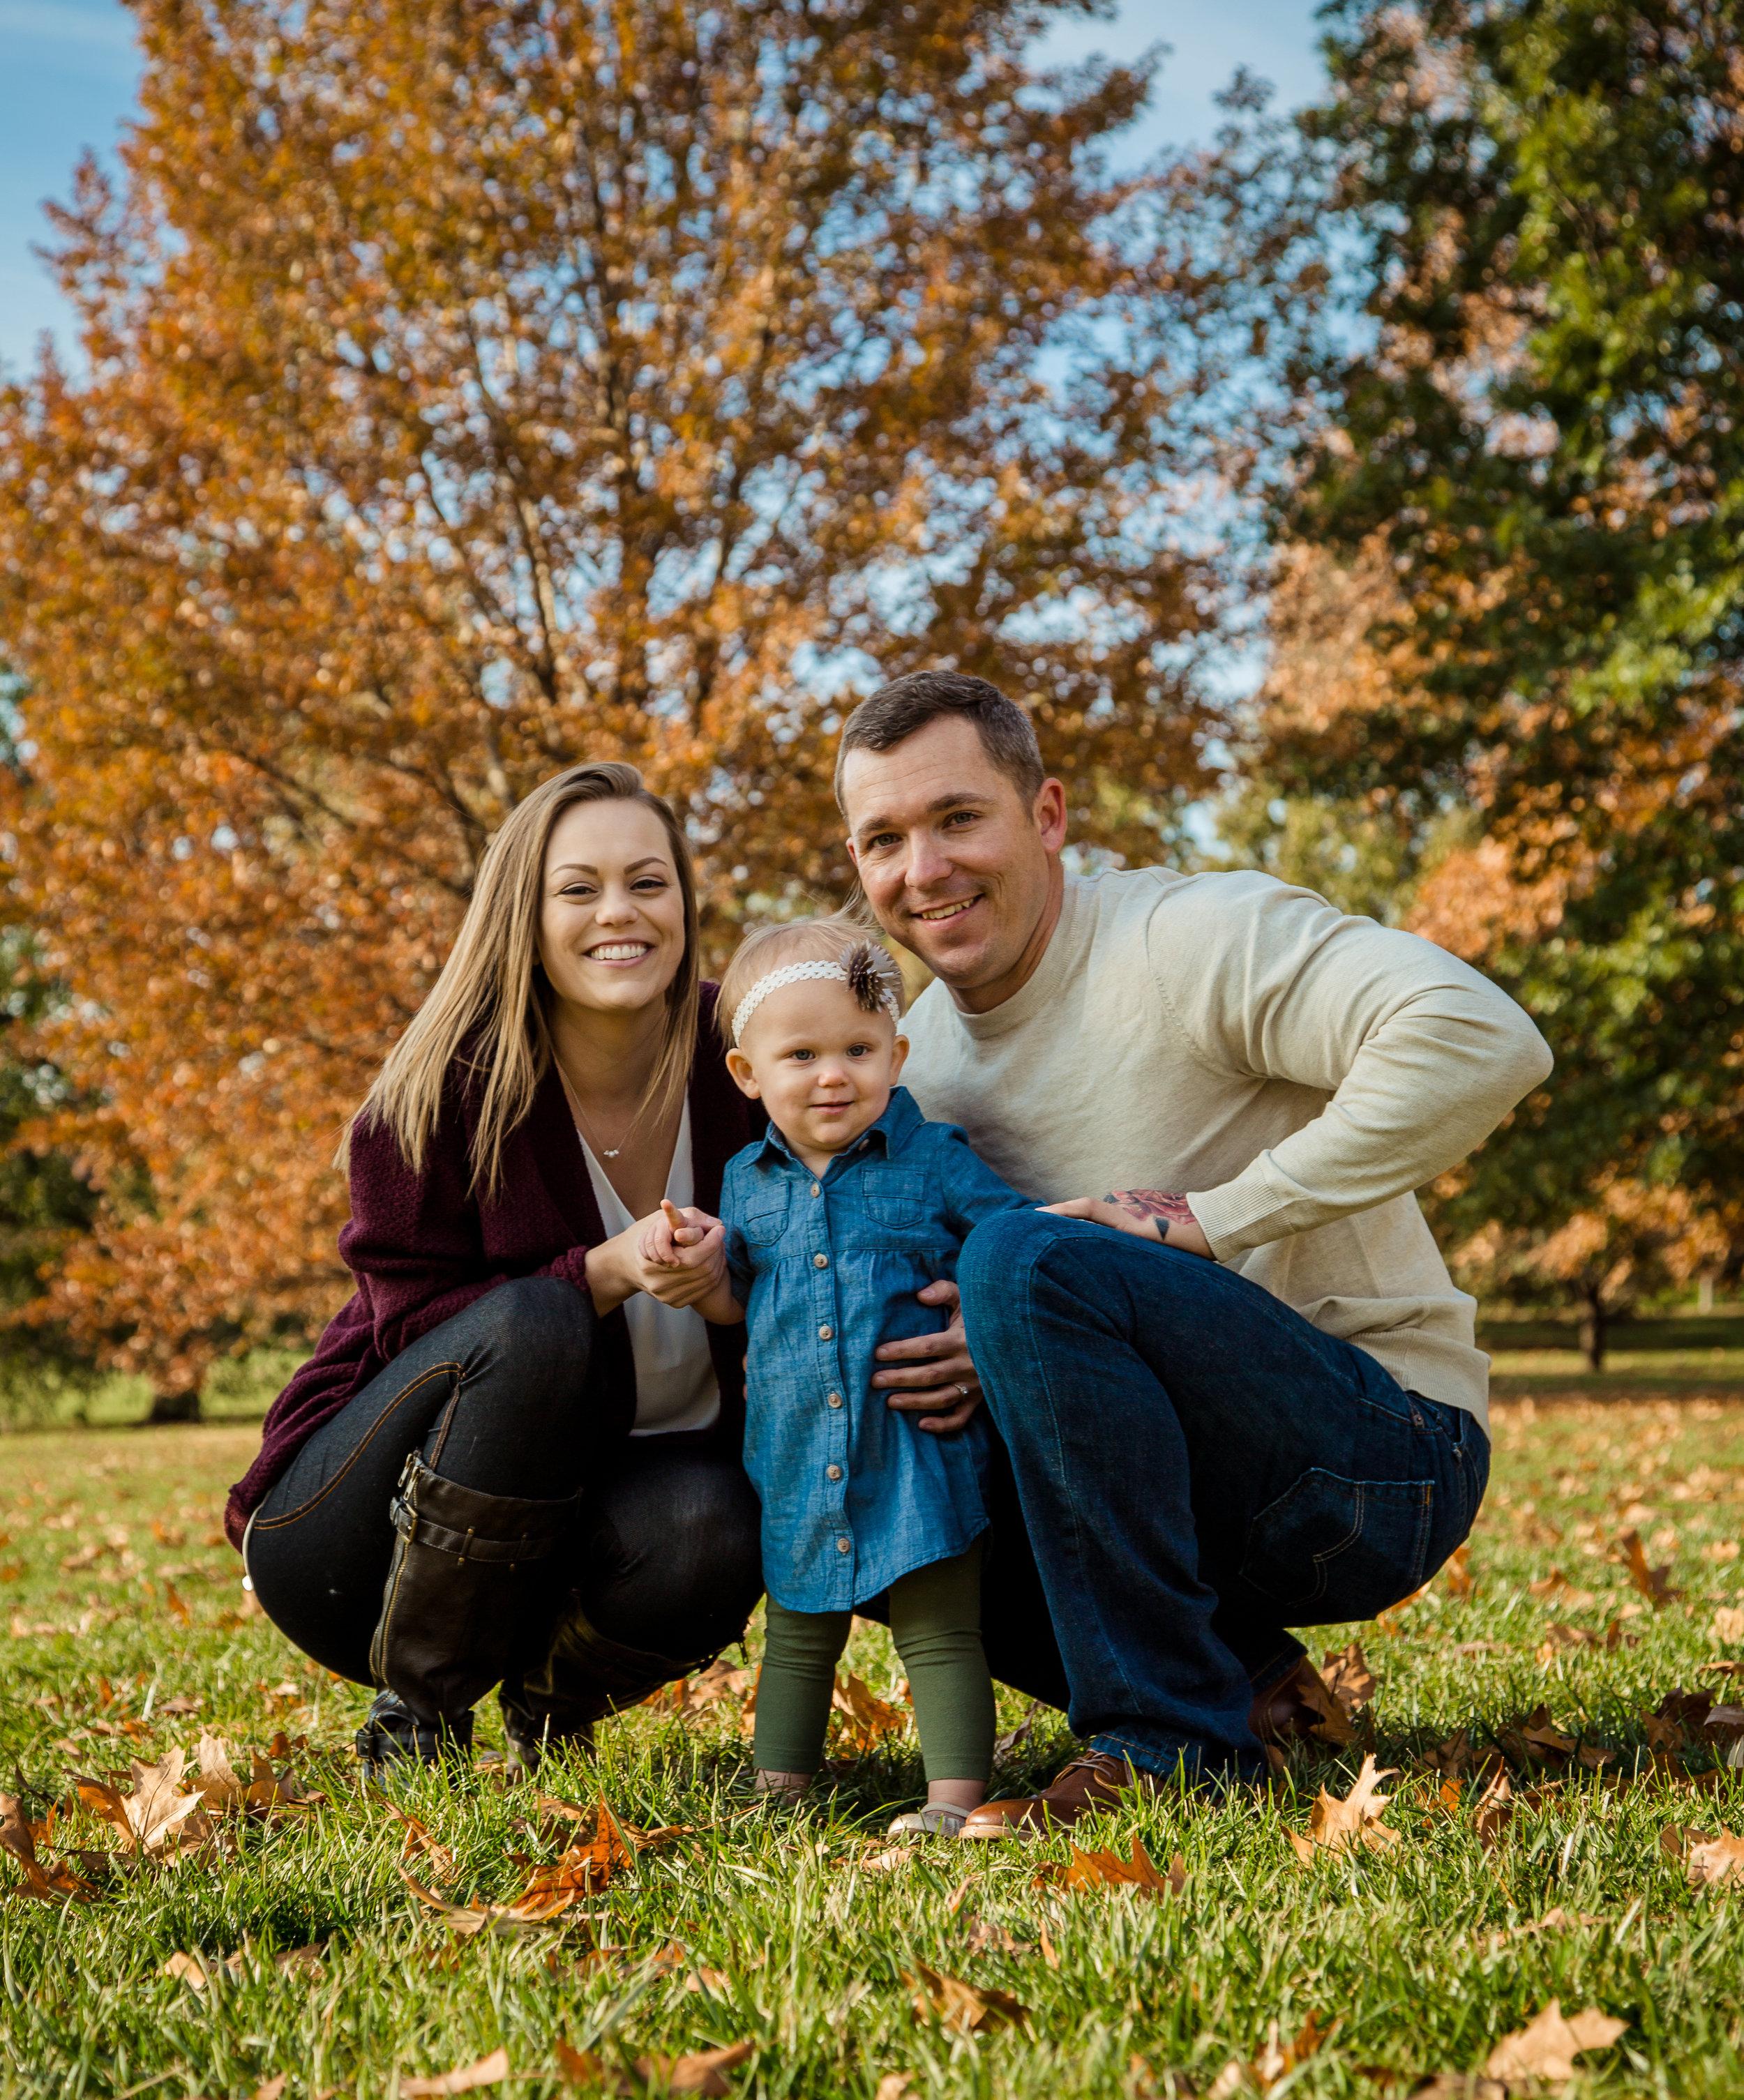 Bennett-Burrell Family Photos 2018 (23 of 39).jpg